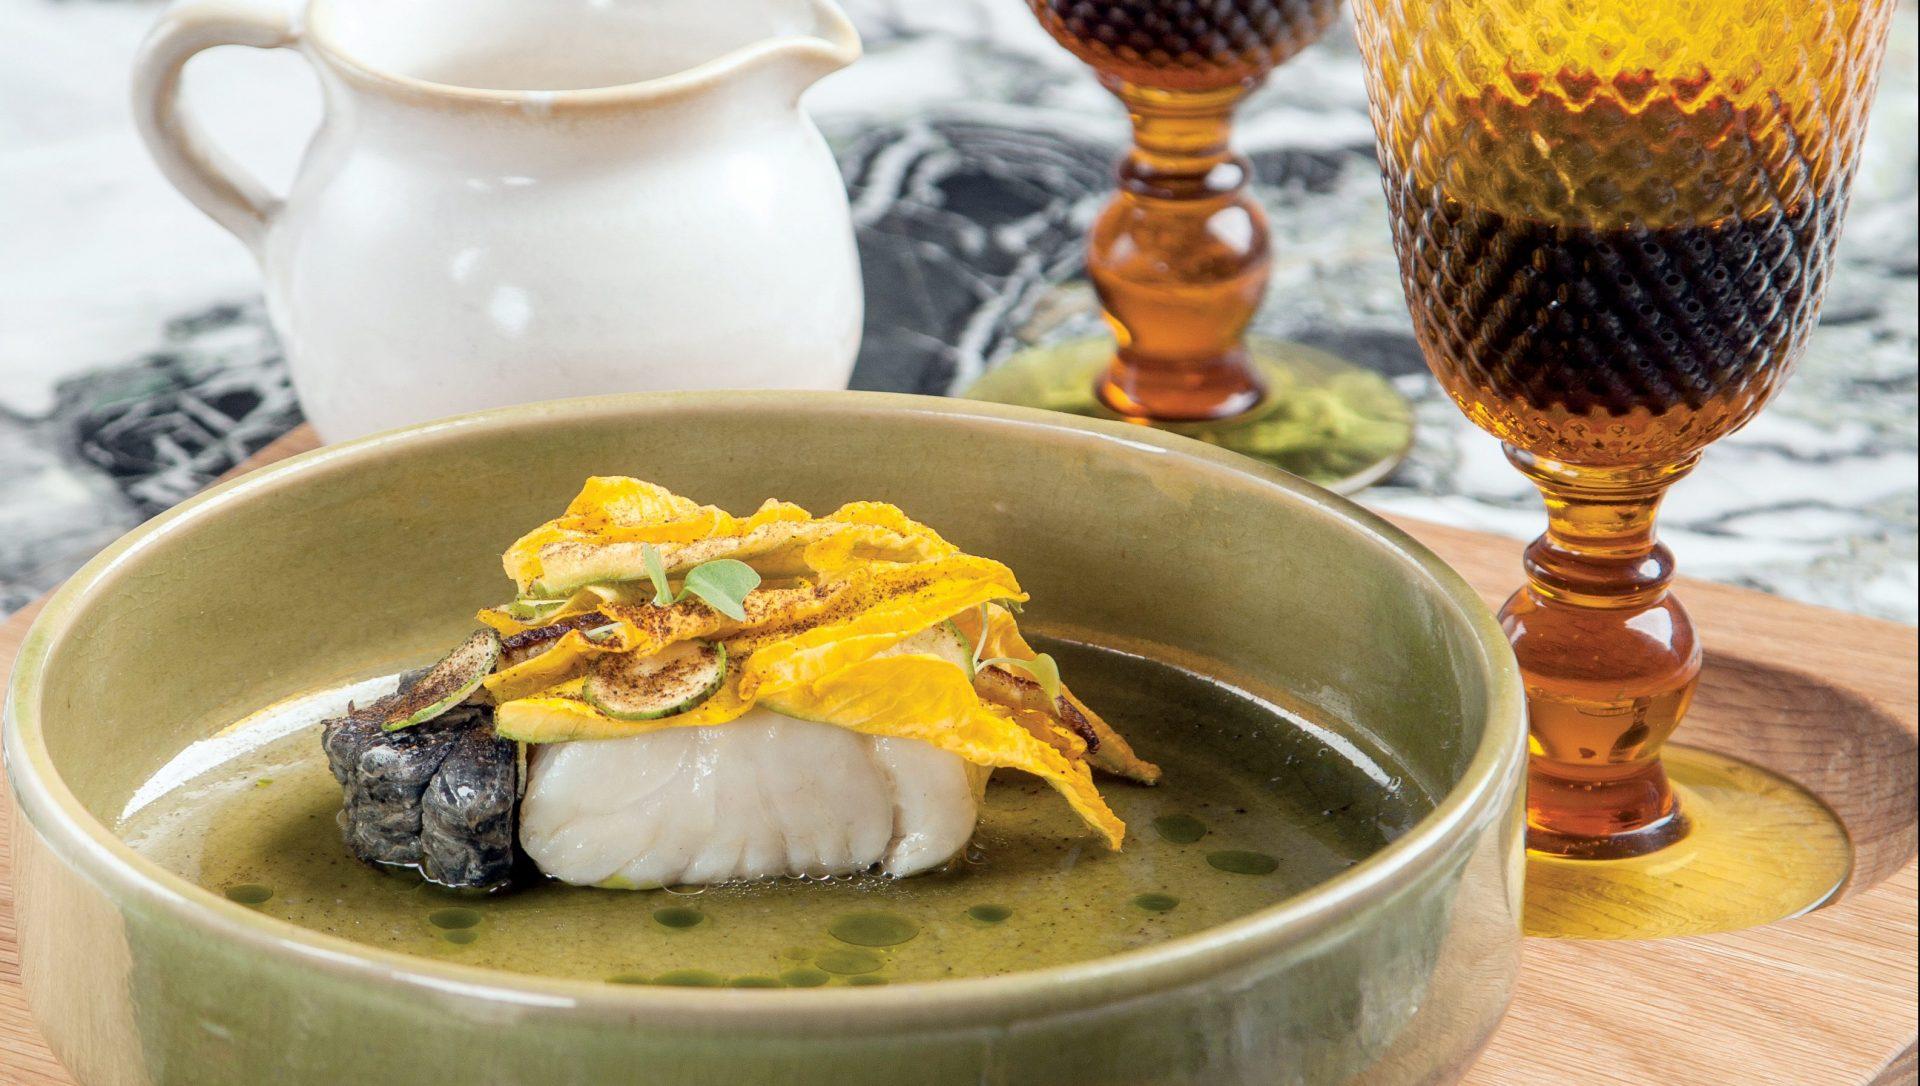 Pesca del día con huitlacoche, puré de maíz y flor de calabaza